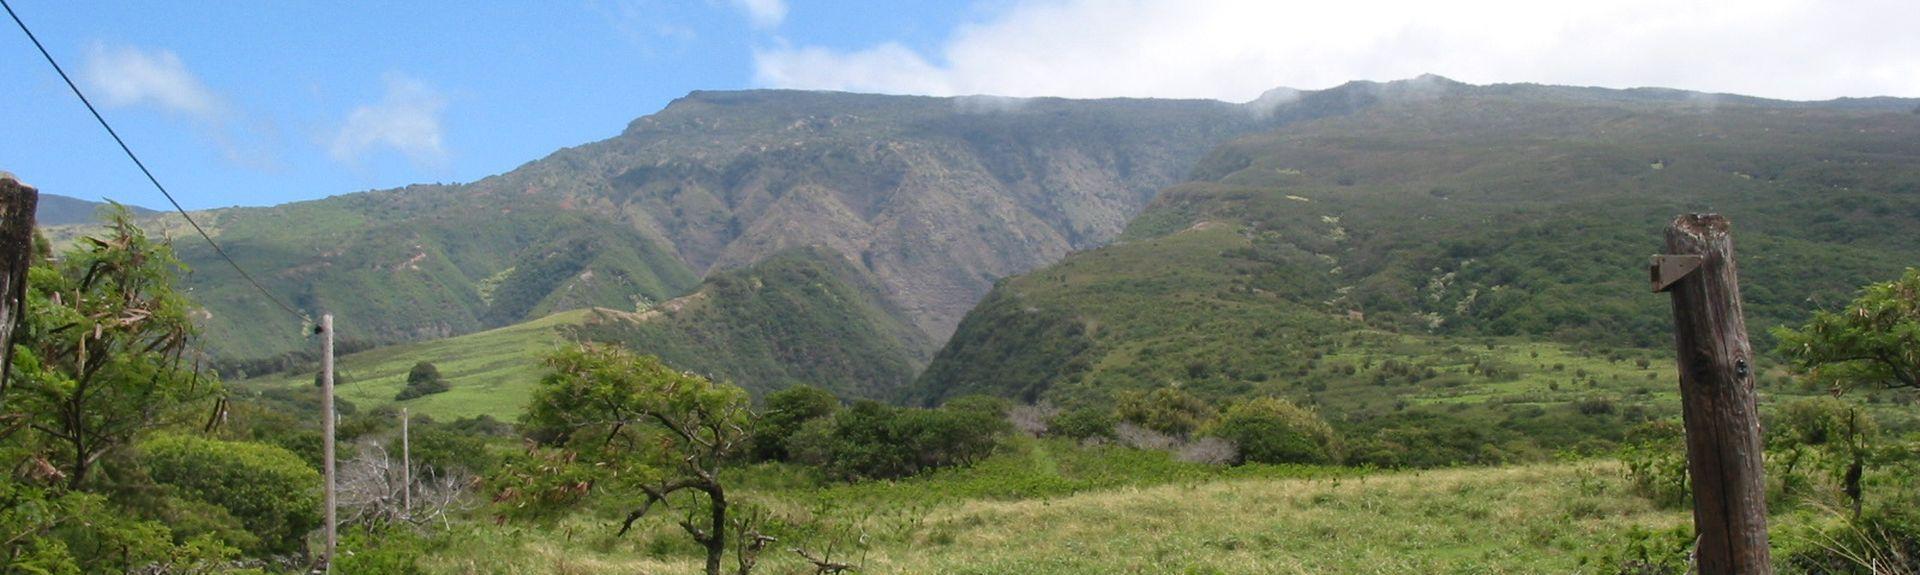 Haleakalā National Park, Kula, HI, USA